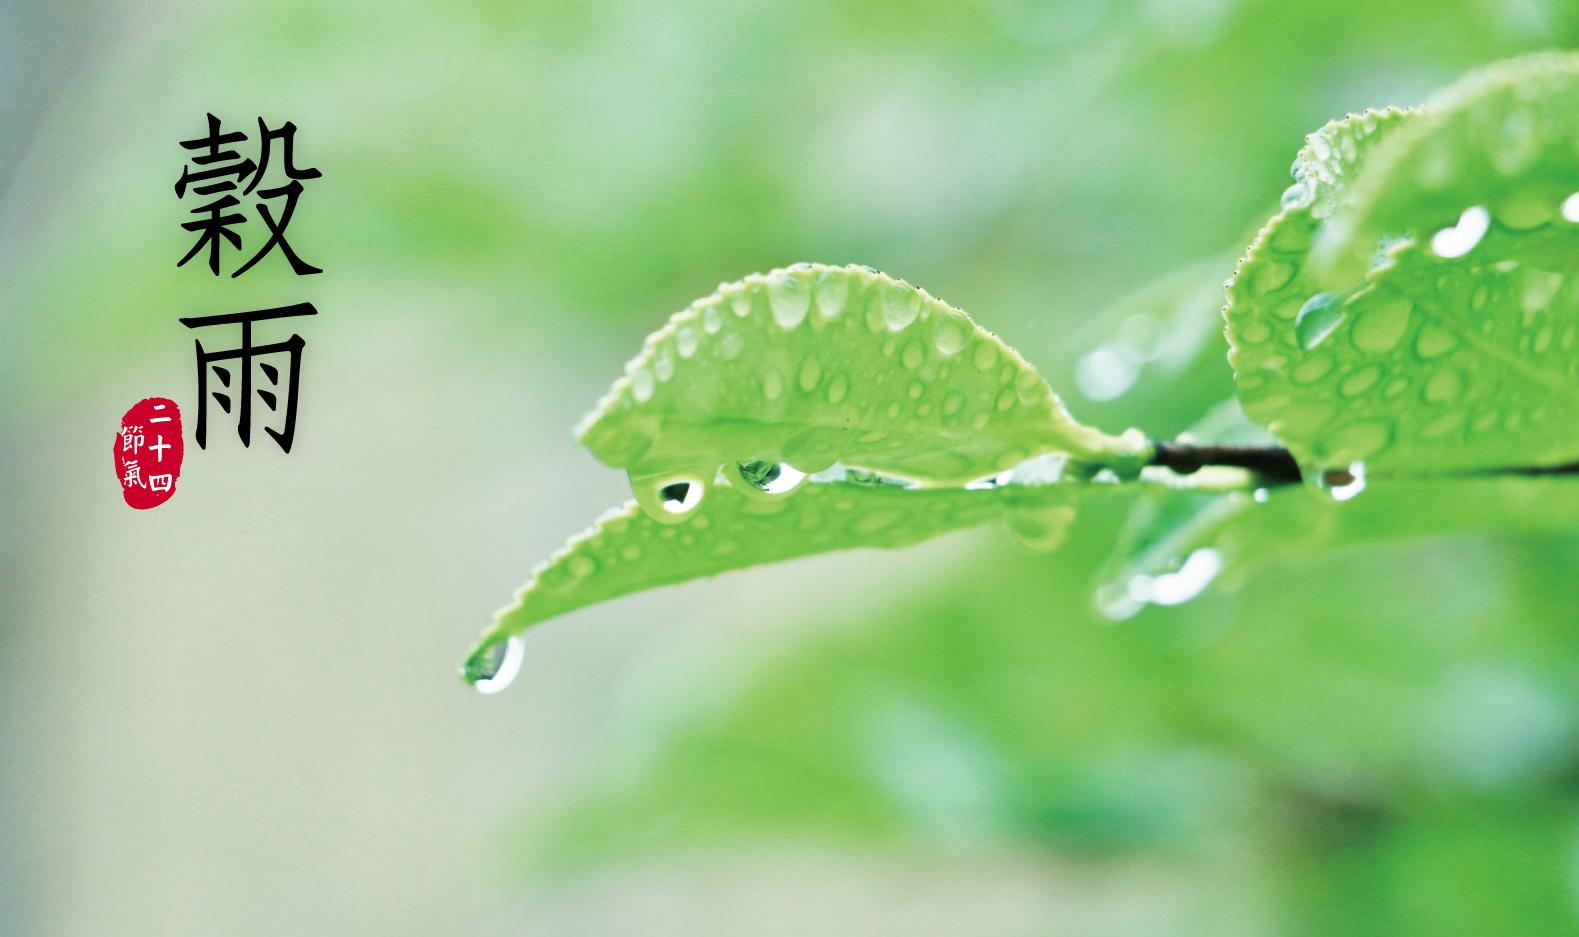 「穀雨」氣候變化大,養生首重養肝、防過敏